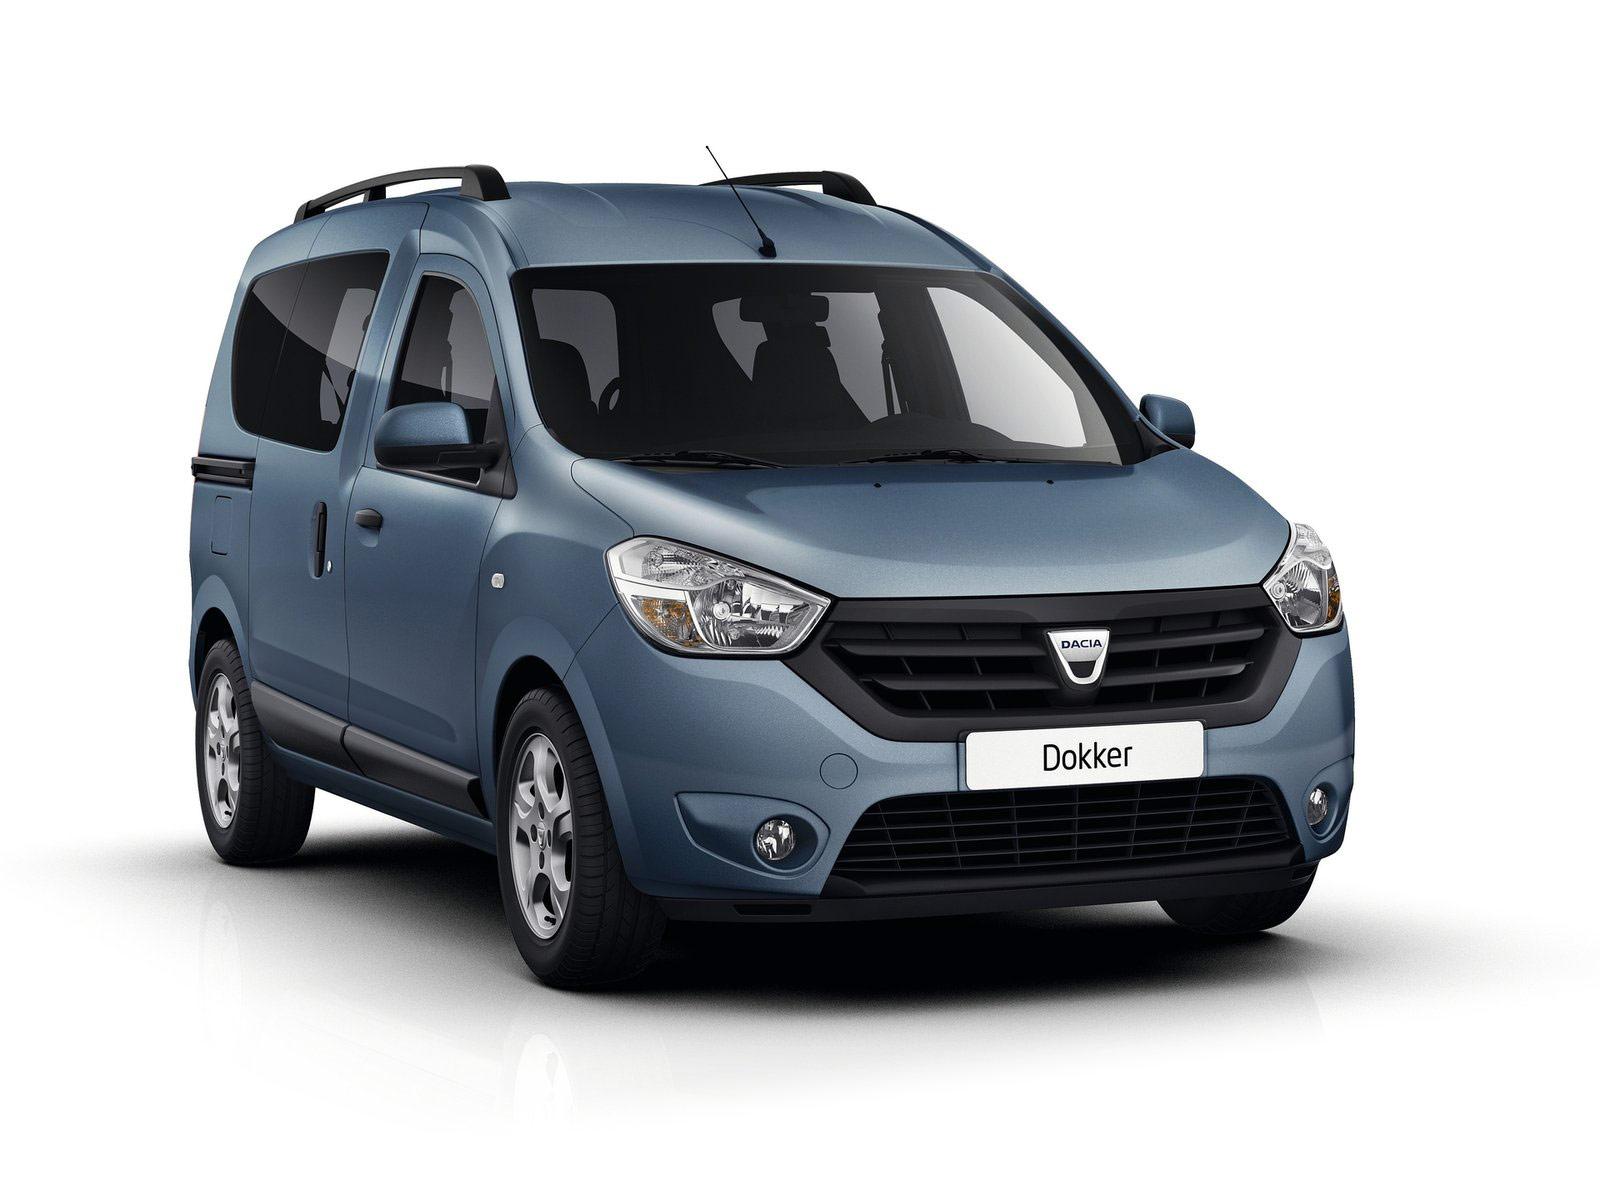 2013 Dacia Dokker | Download Gambar Mobil